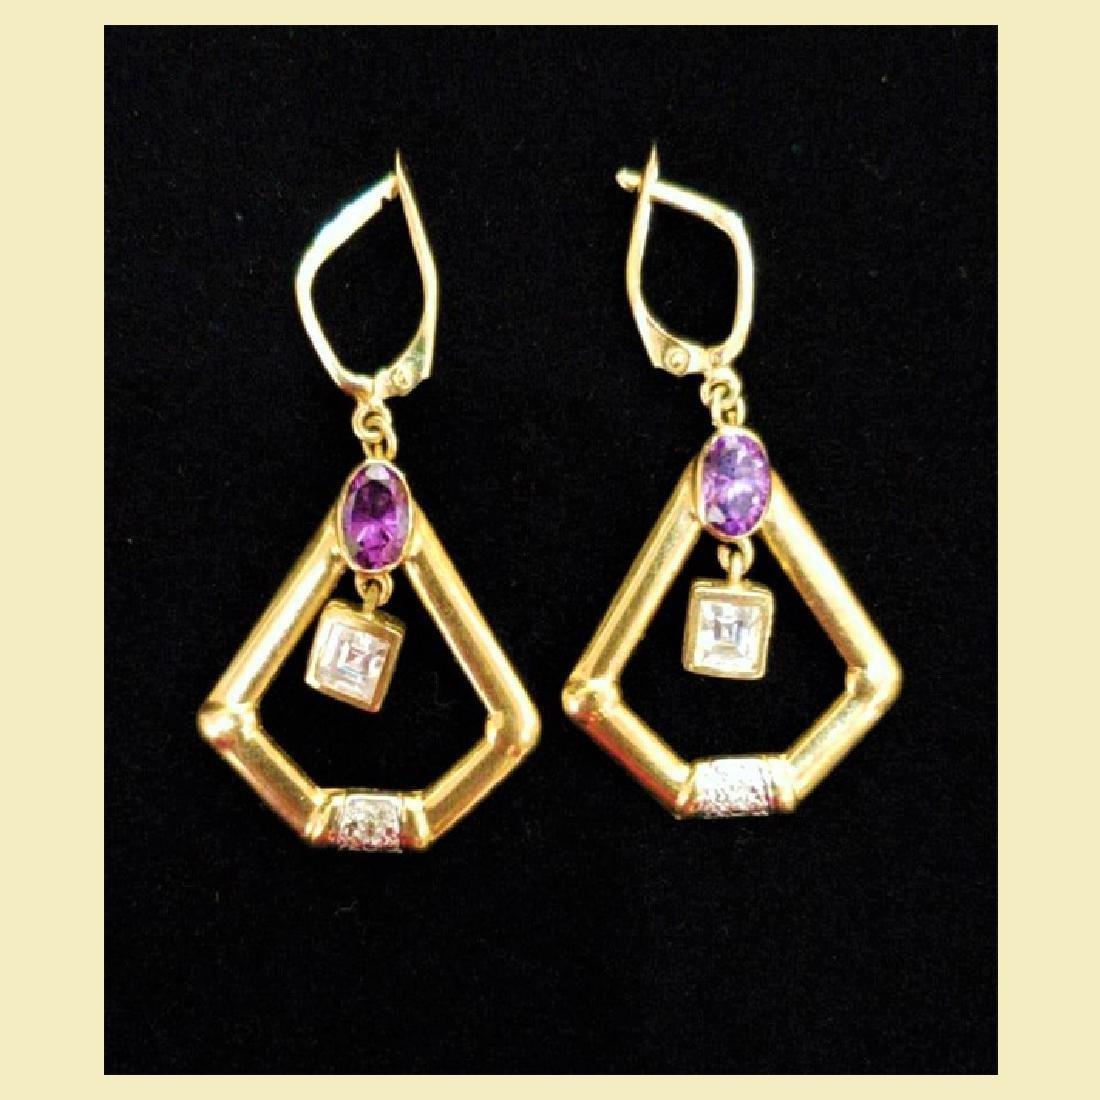 Gorgeous pair of 14k yellow gold earing pentagon shape